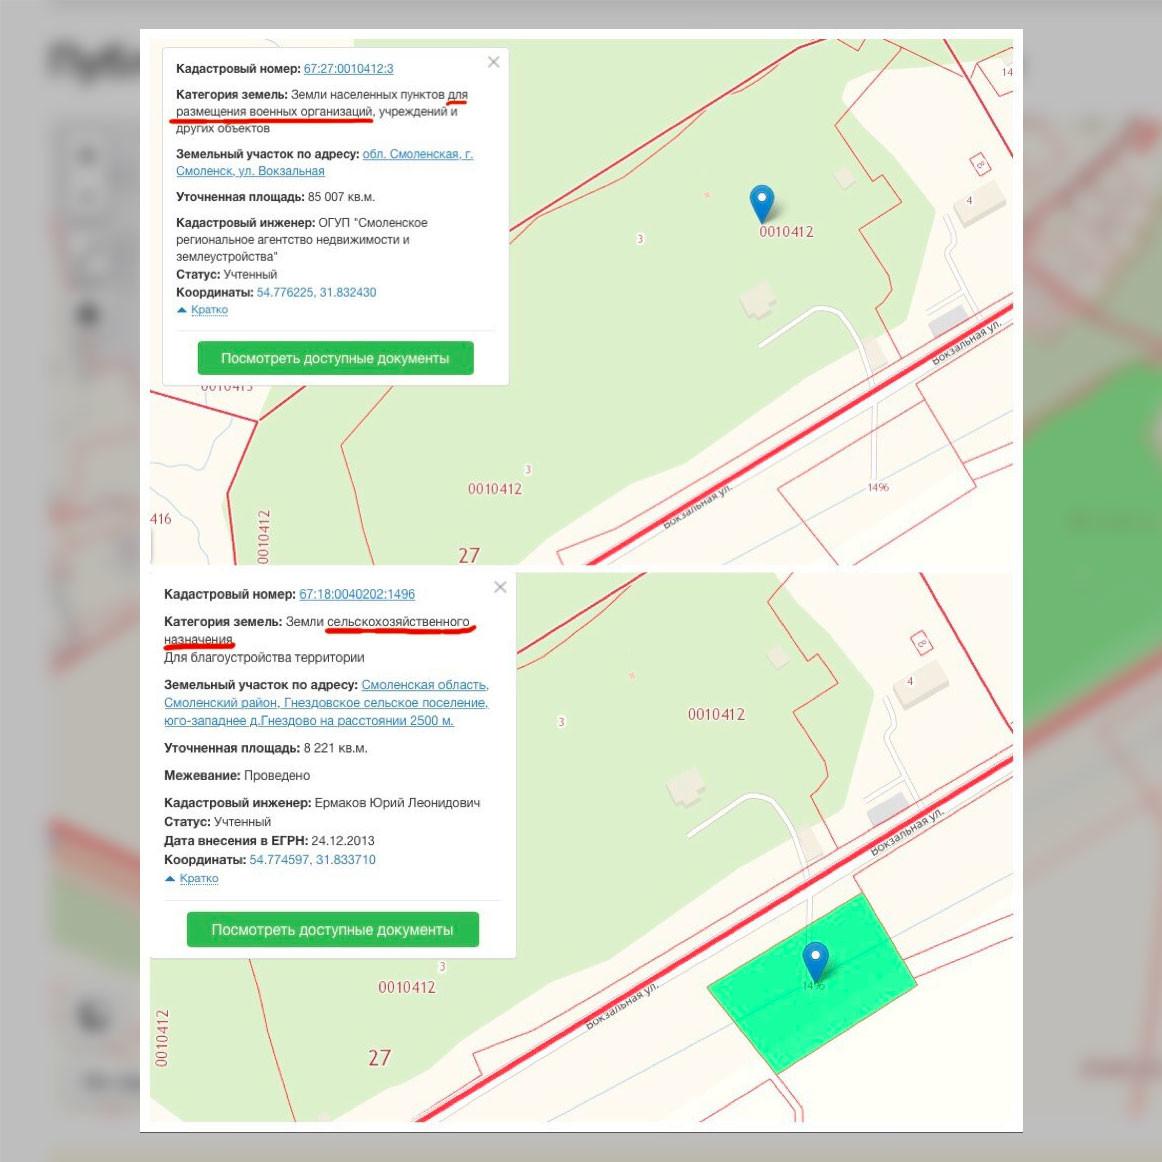 Территория резиденции и участок с вертолётной площадкой © Публичная кадастровая карта